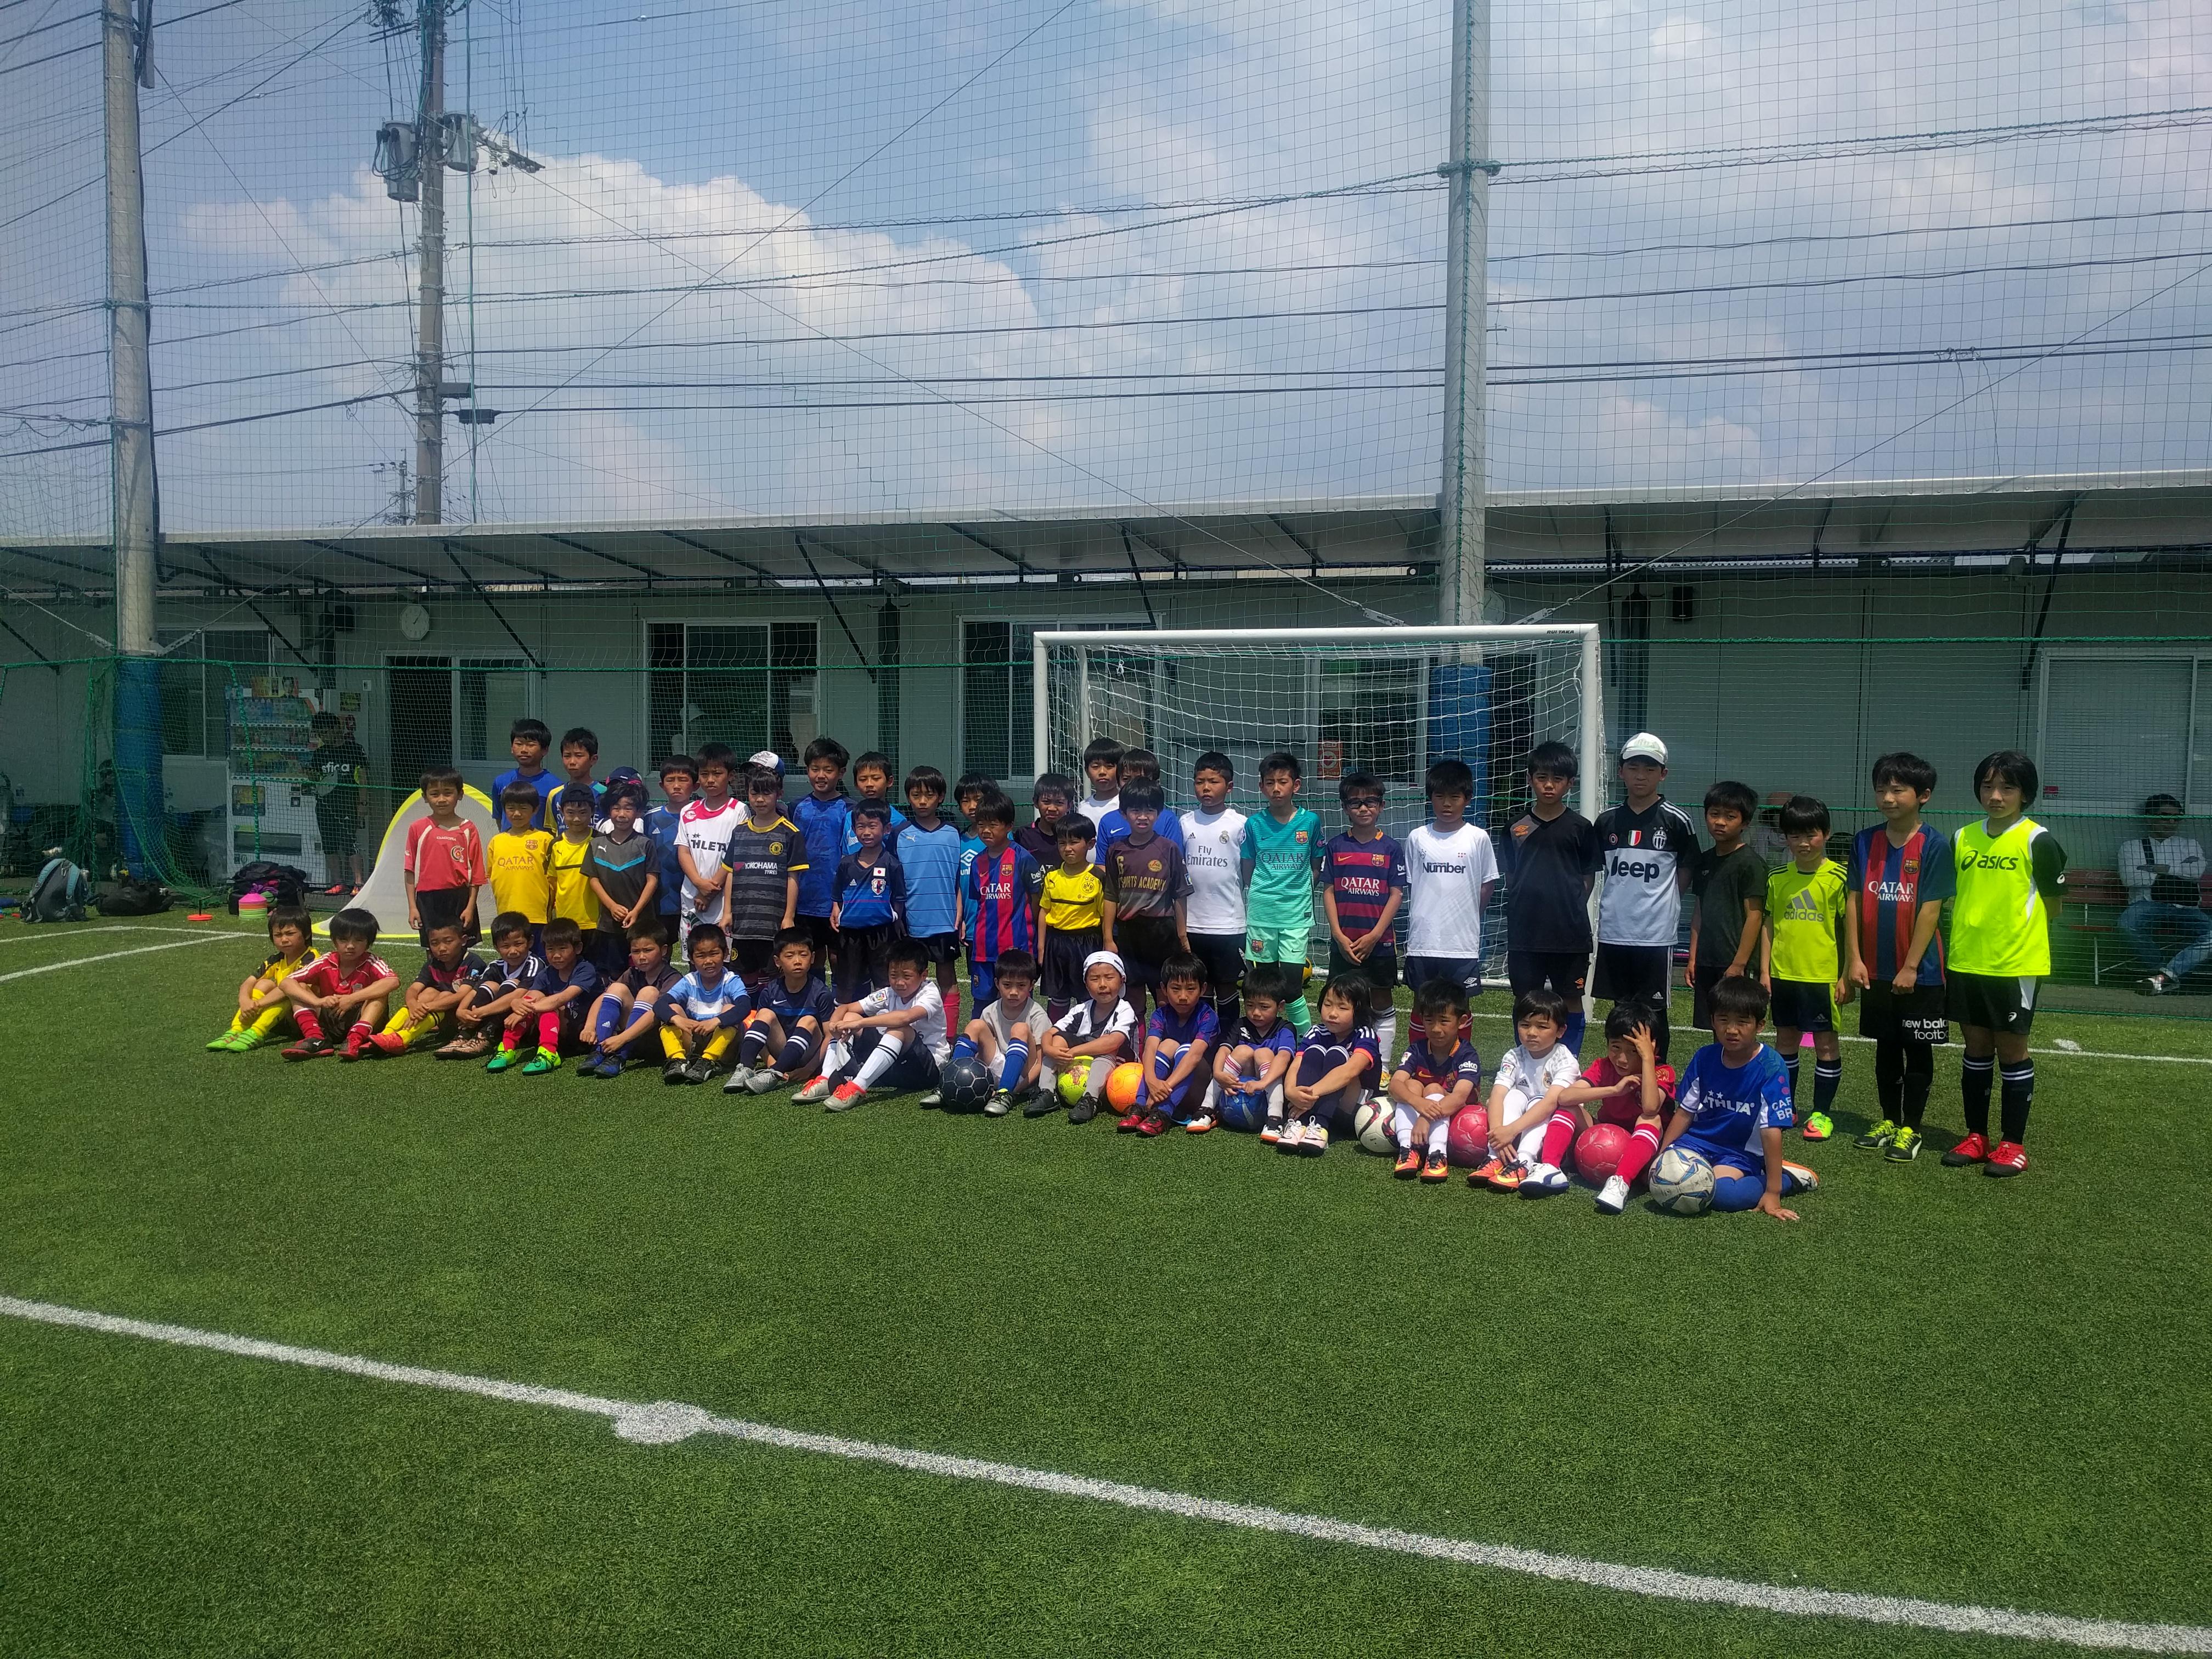 「スペイン流サッカー教室」小学生低学年生にサッカークリニックを実施しました。〜in ペナスタ(博多区)〜